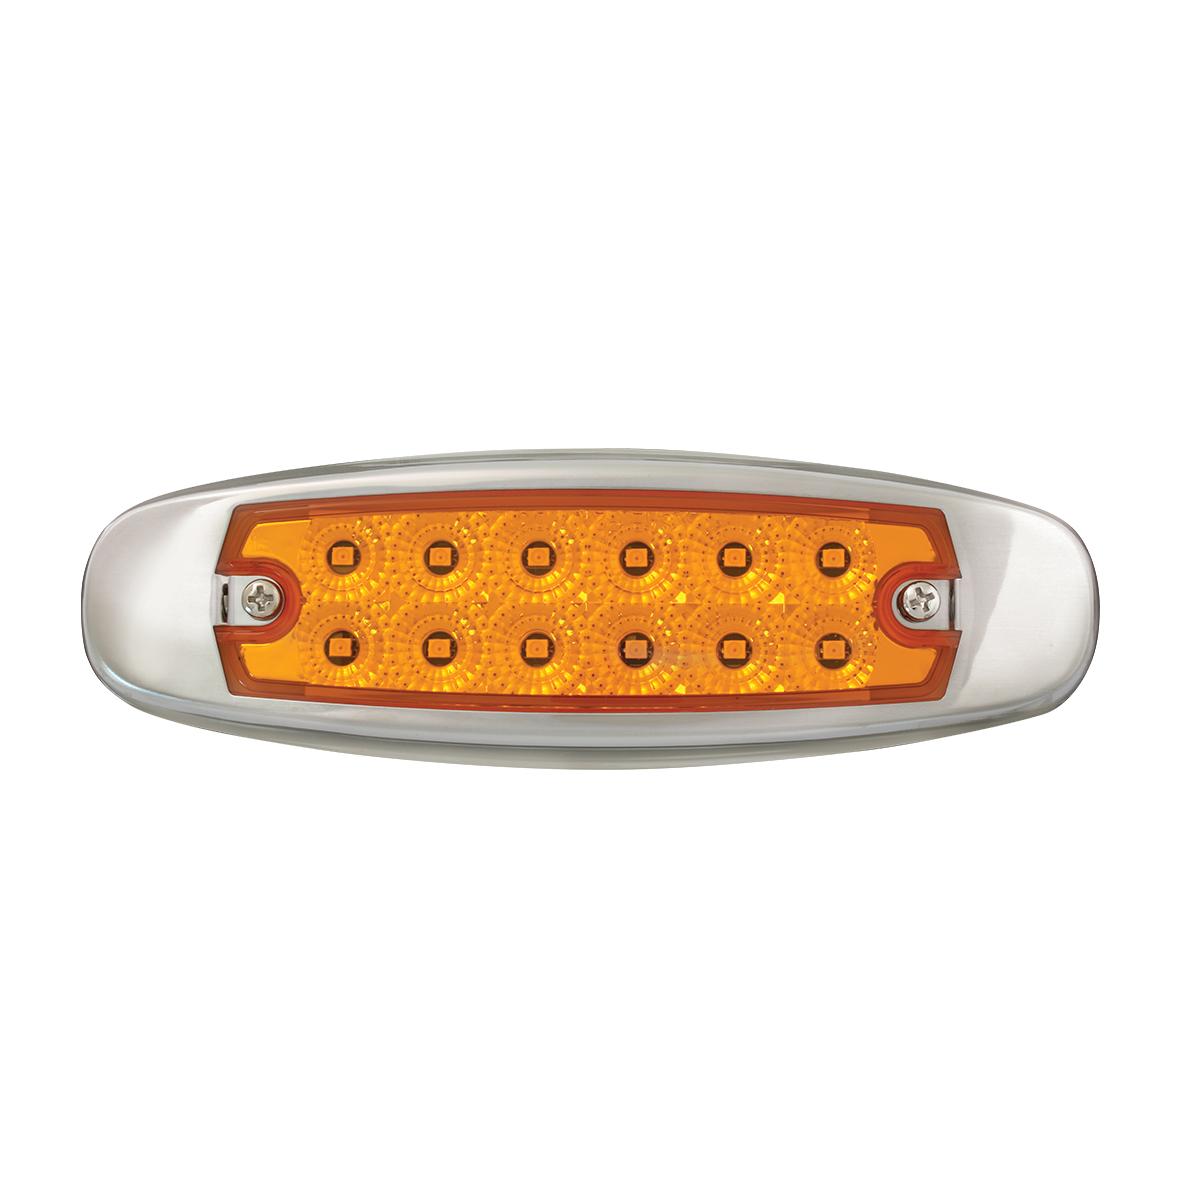 78565 Ultra Thin Spyder LED Marker Light w/ Stainless Steel Bezel